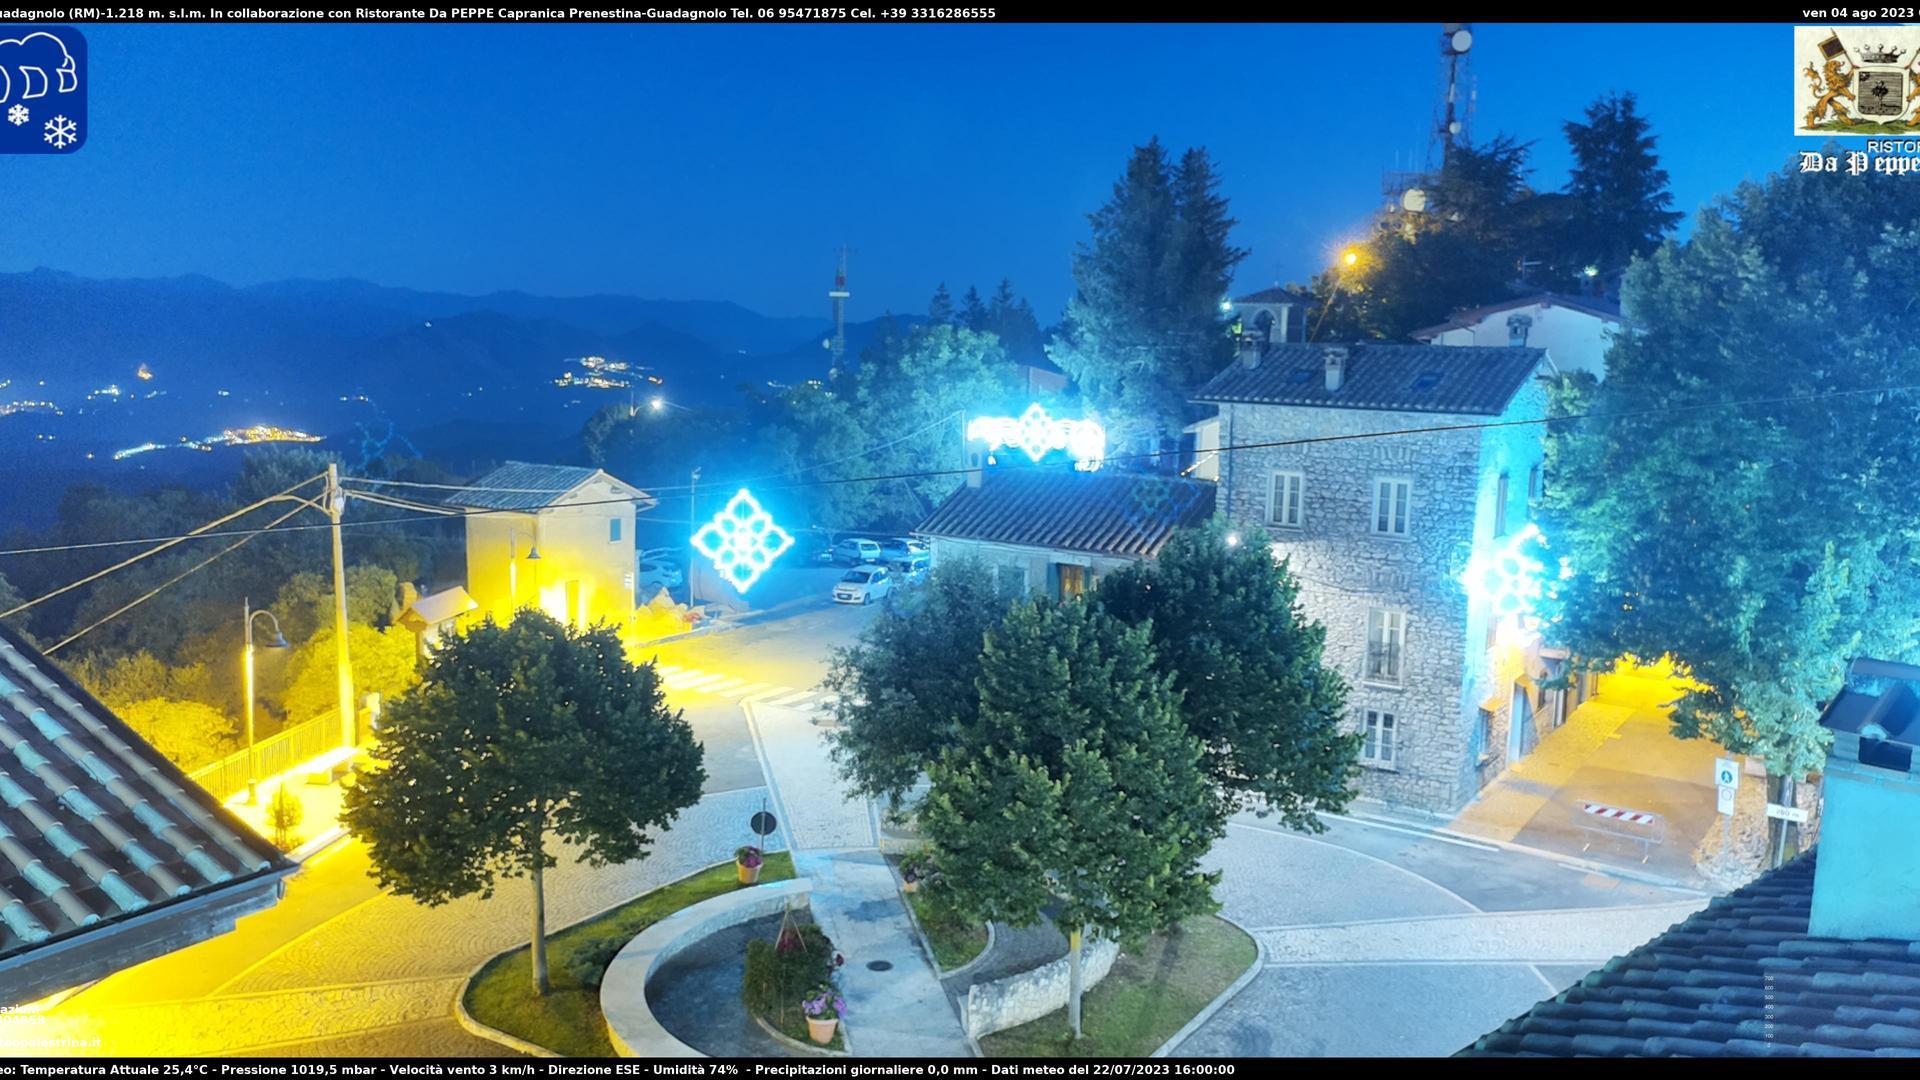 Webcam Guadagnolo: Monte − Capranica Prenestina